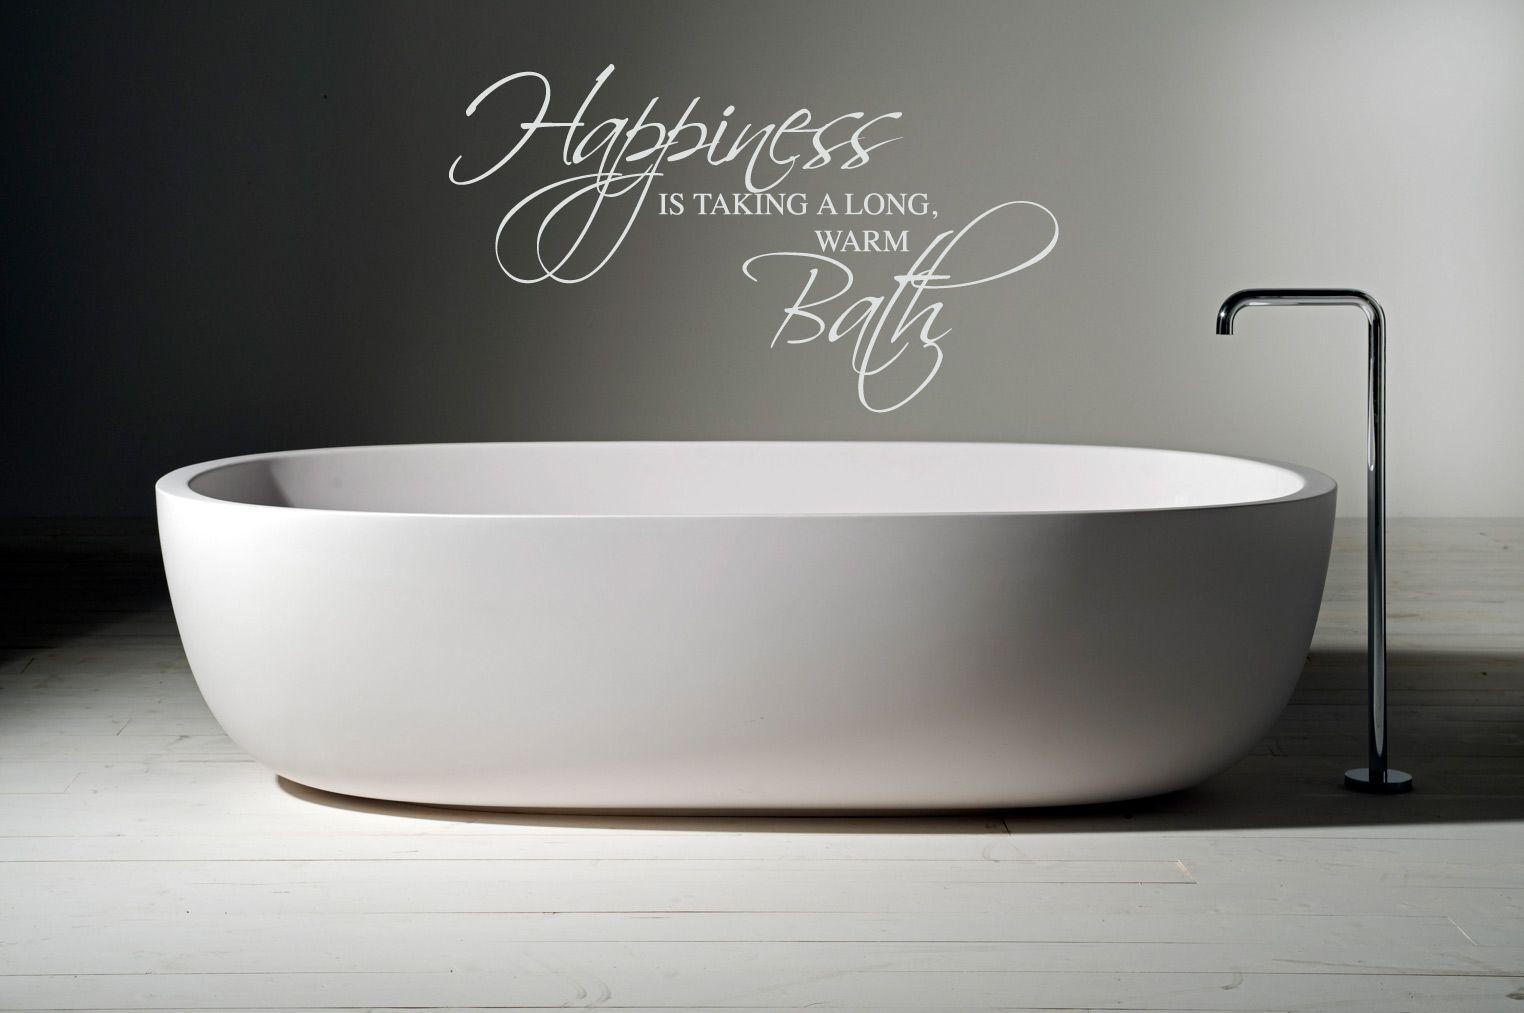 Bath Quotes Bathroom Quotesquotesgramquotesgram  Prints  Pinterest